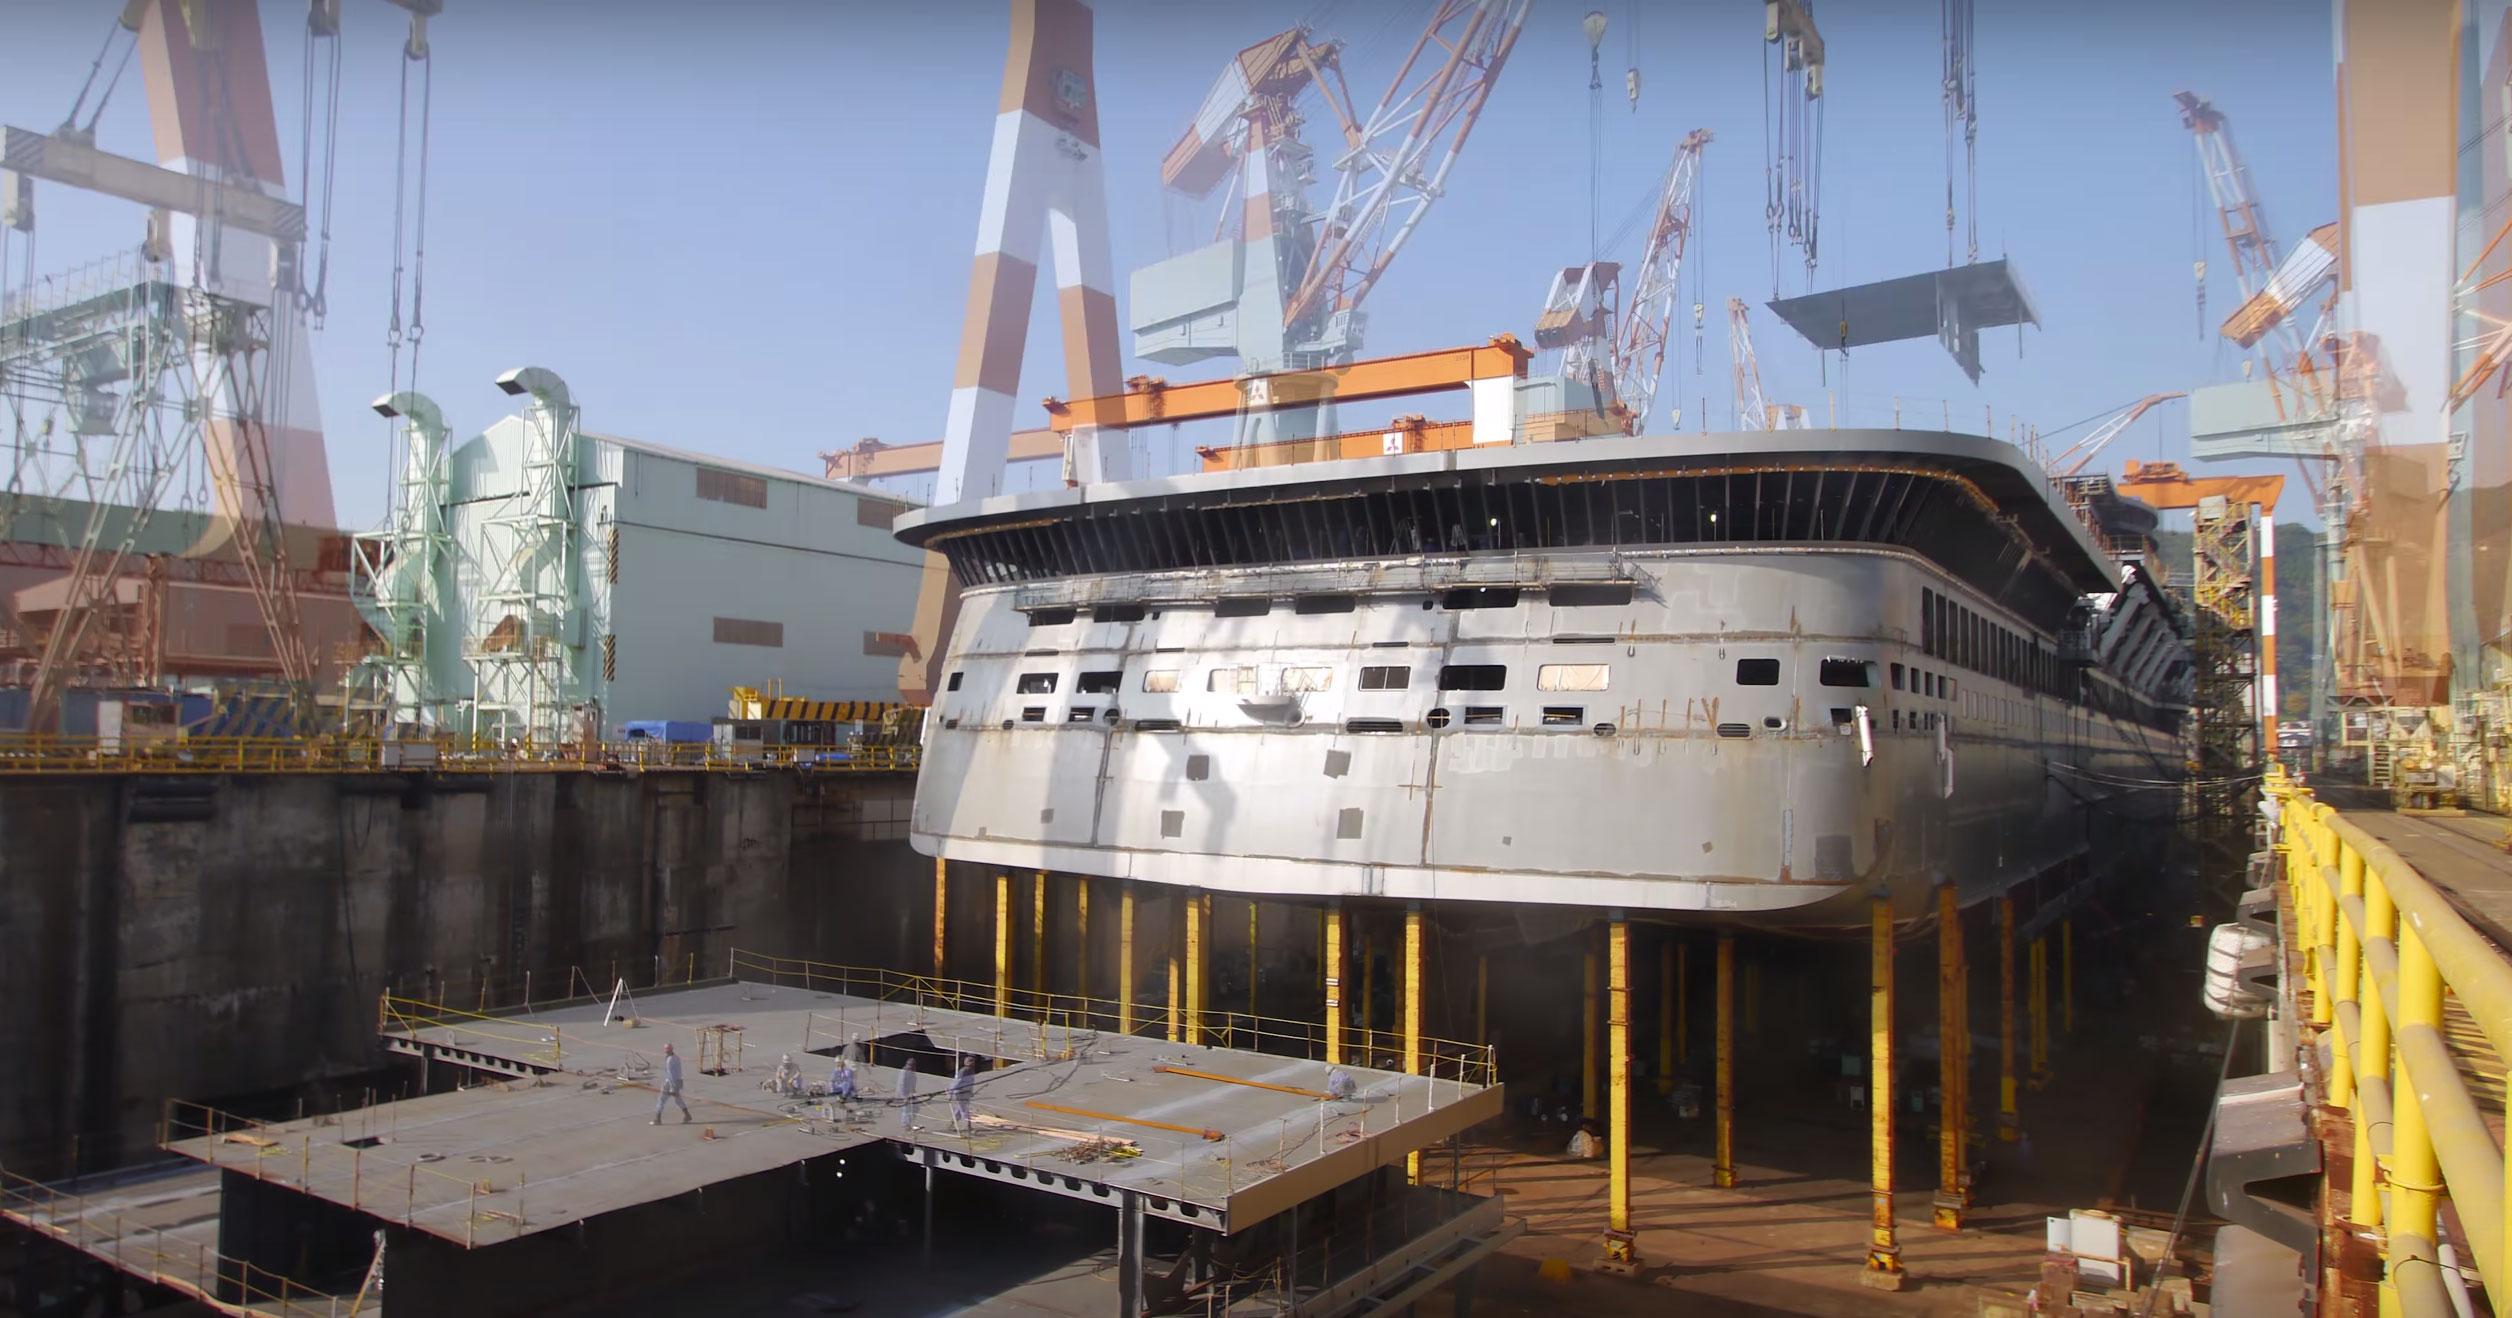 bateau-construction-8